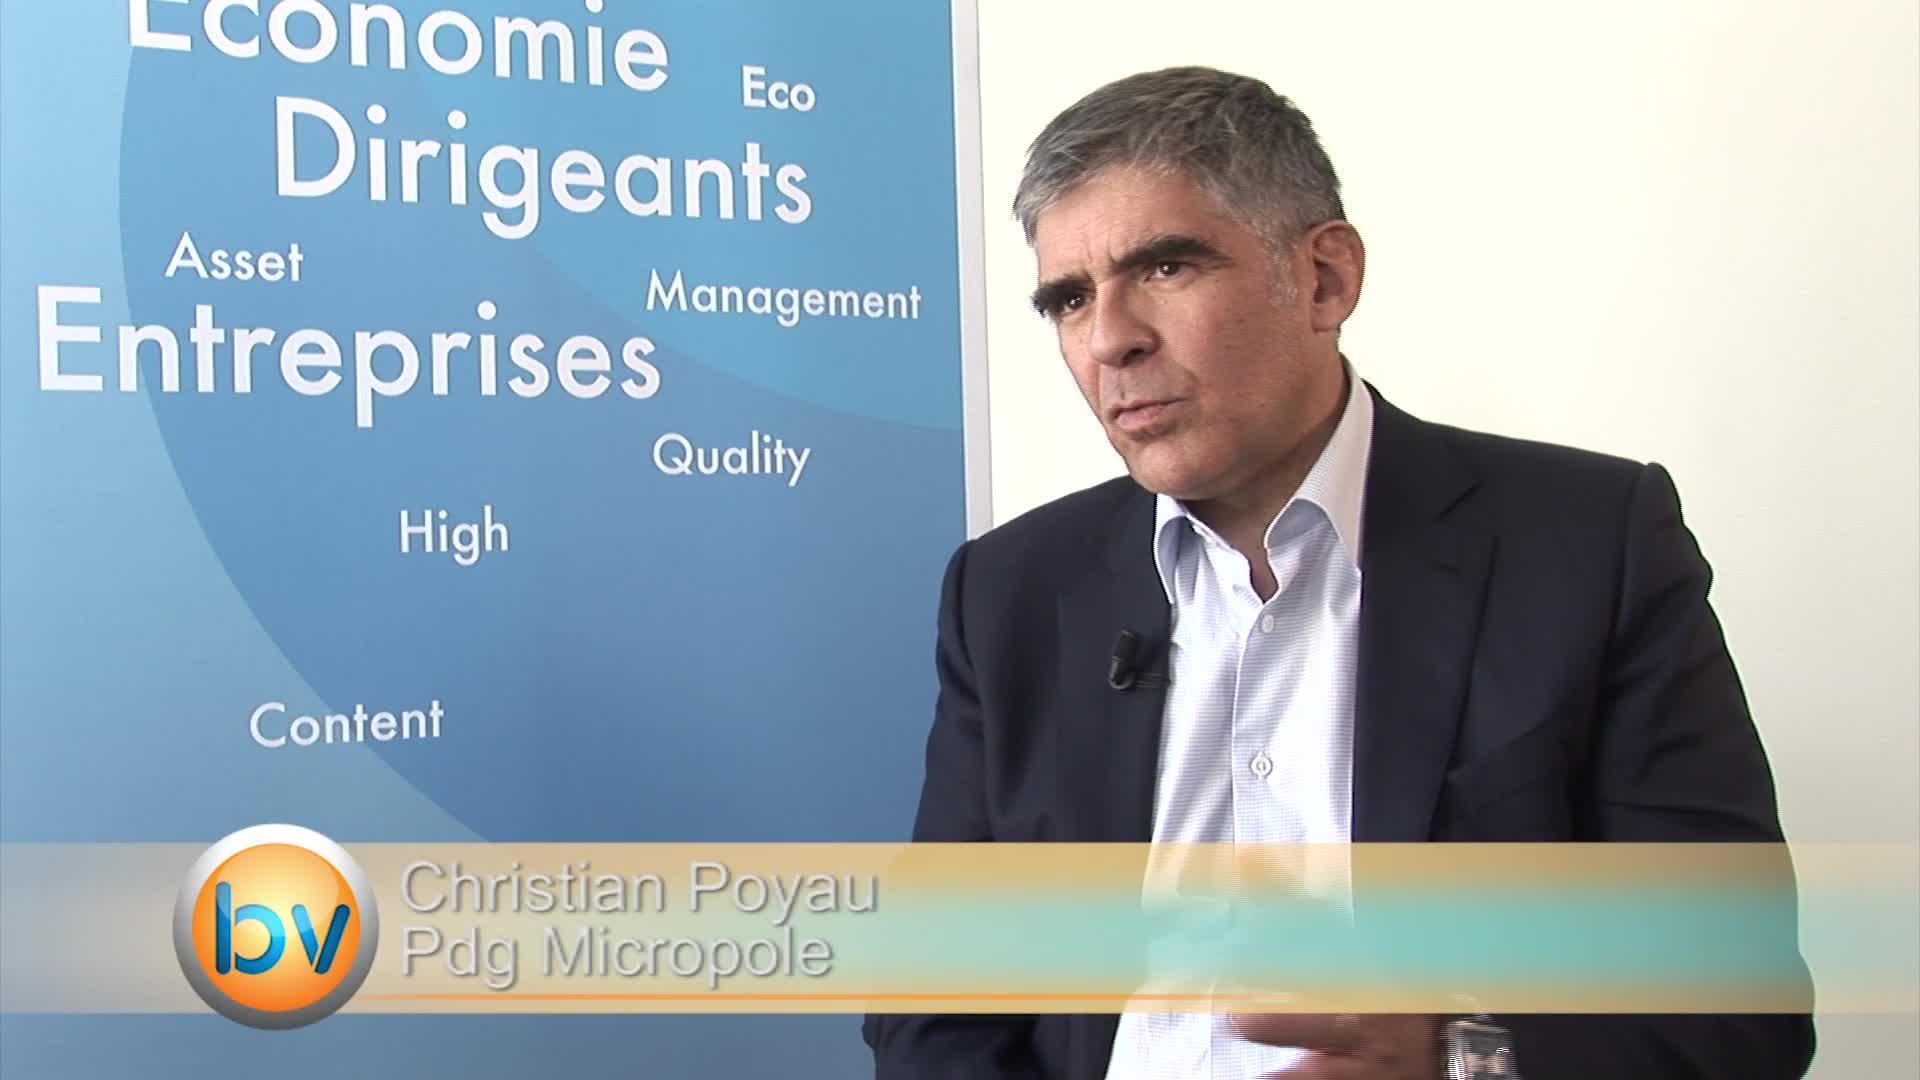 Christian Poyau Pdg Micropole : «L'action privilégiée est la montée en gamme»